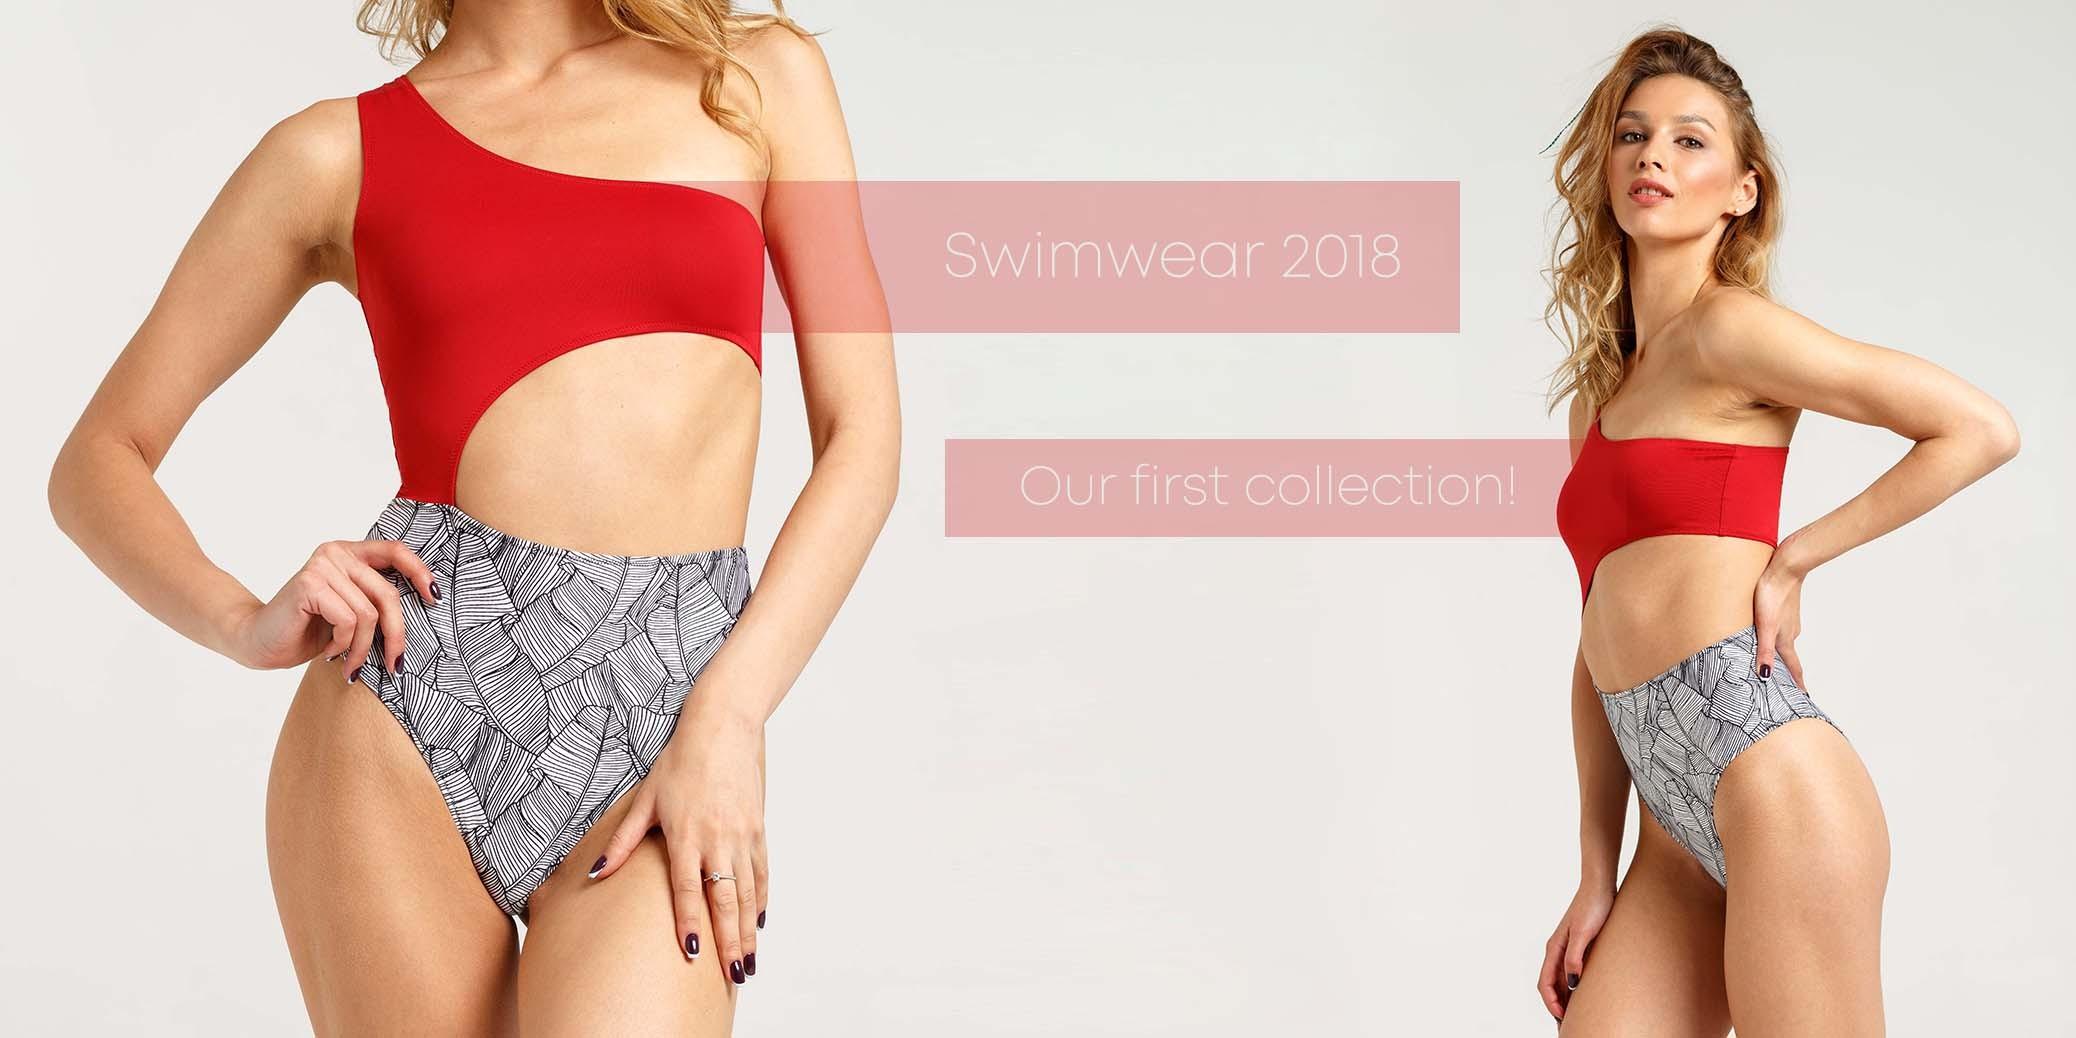 Swimwear lace up